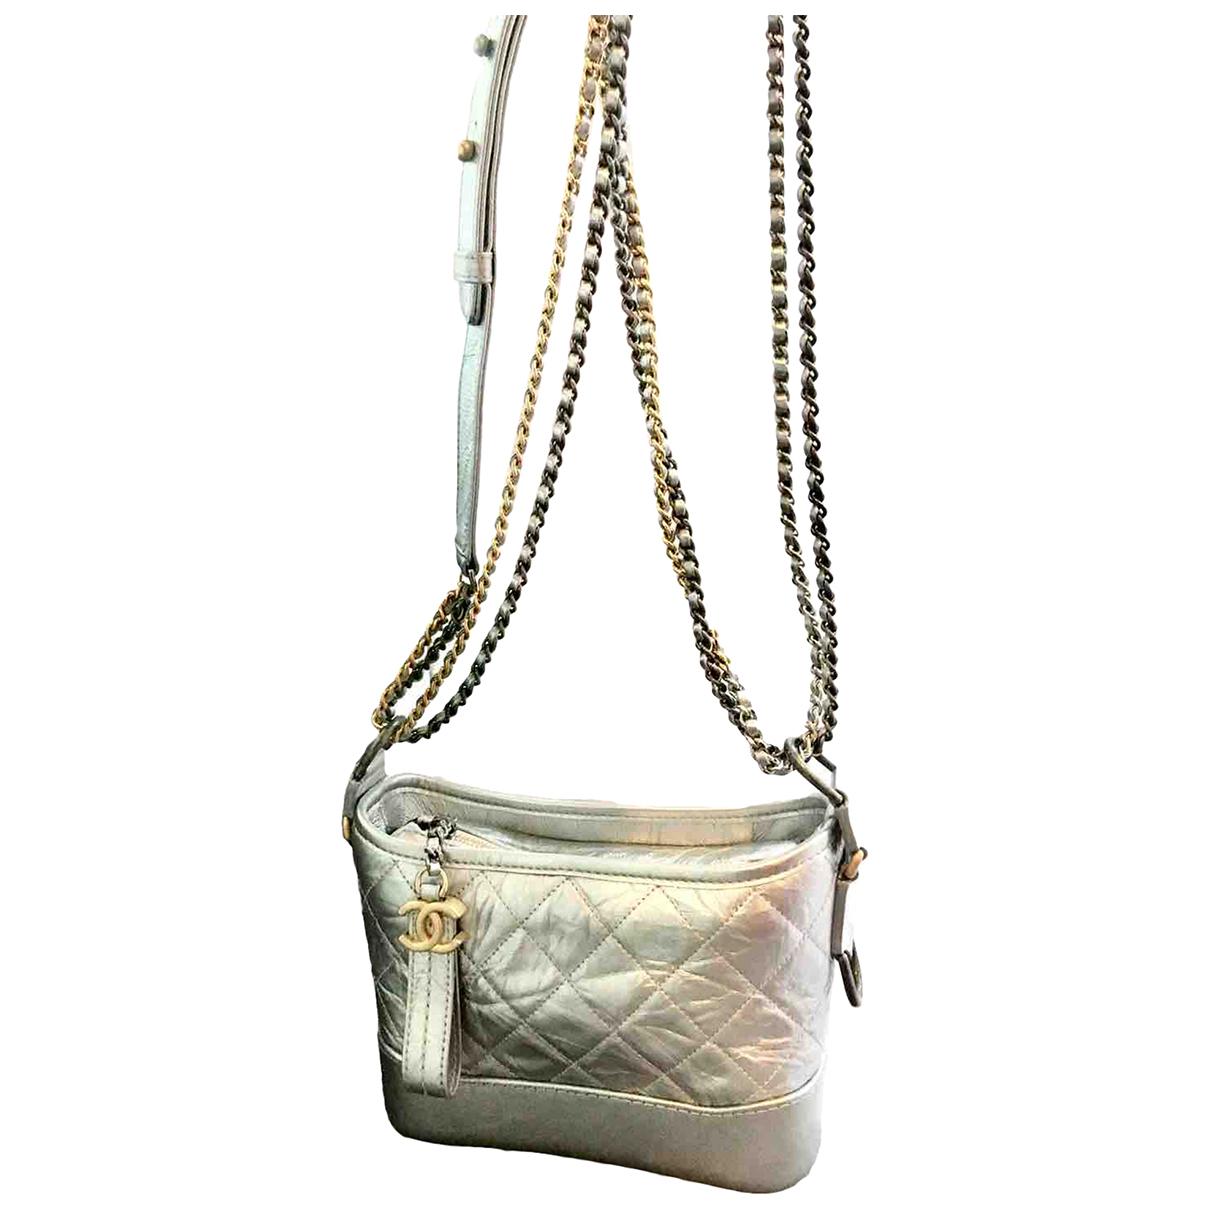 Chanel - Sac a main Gabrielle pour femme en cuir - argente